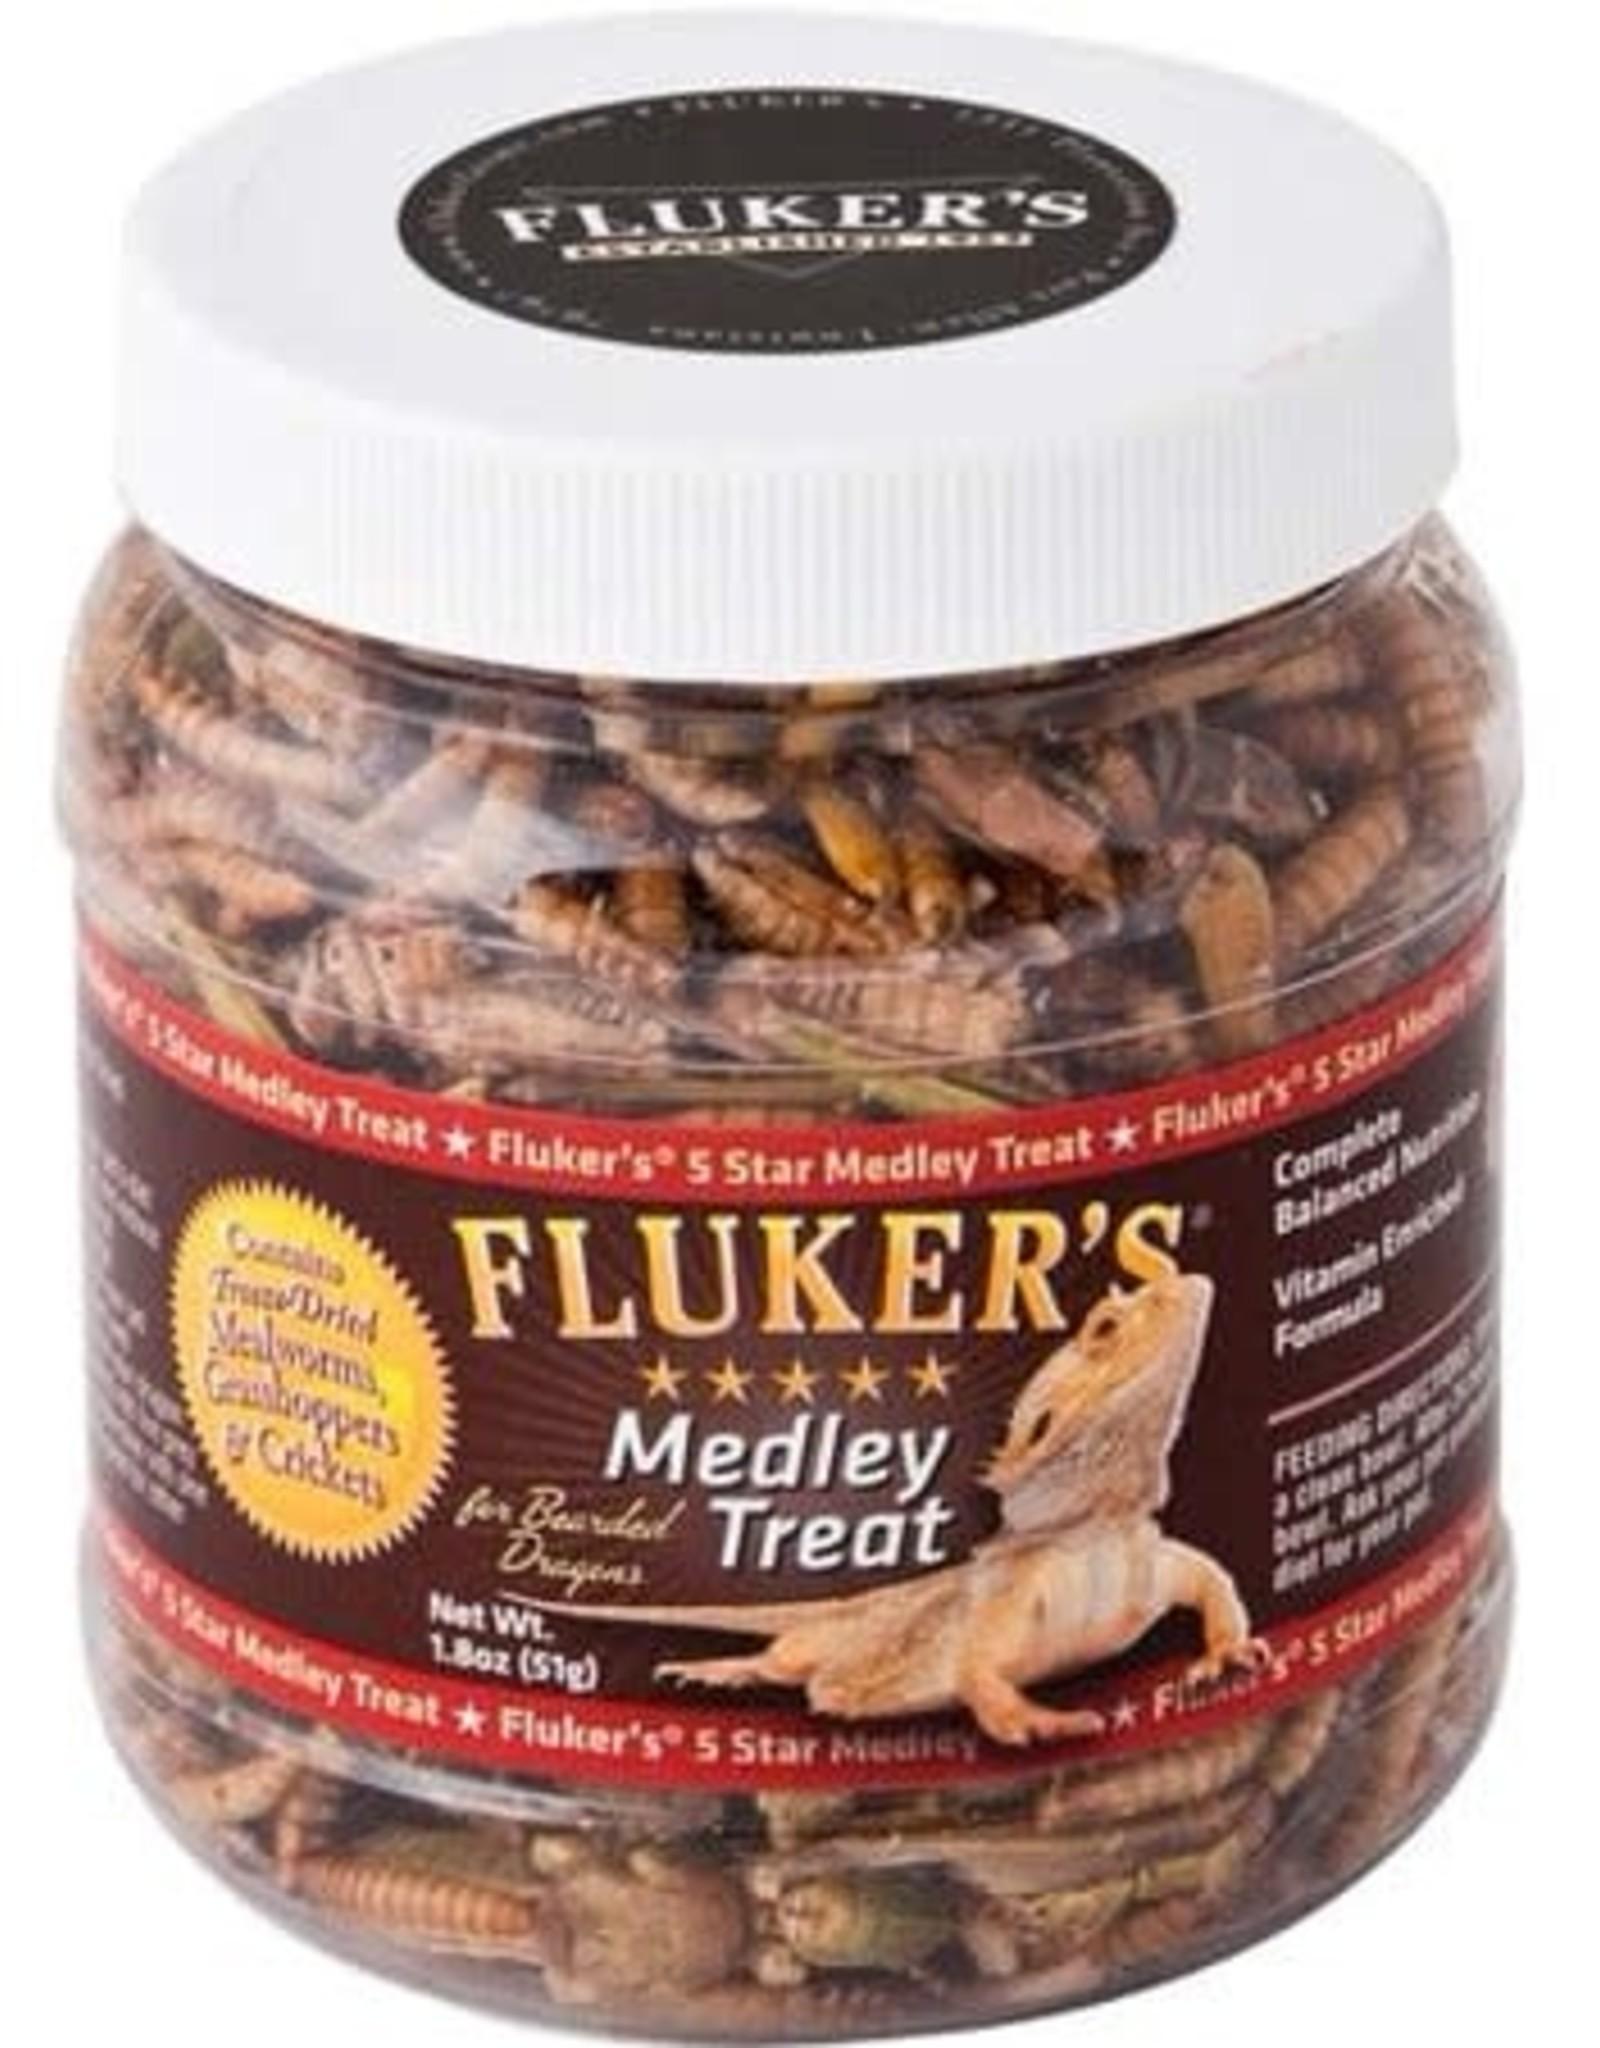 FLUKER'S Bearded Dragon Medley 1.8oz